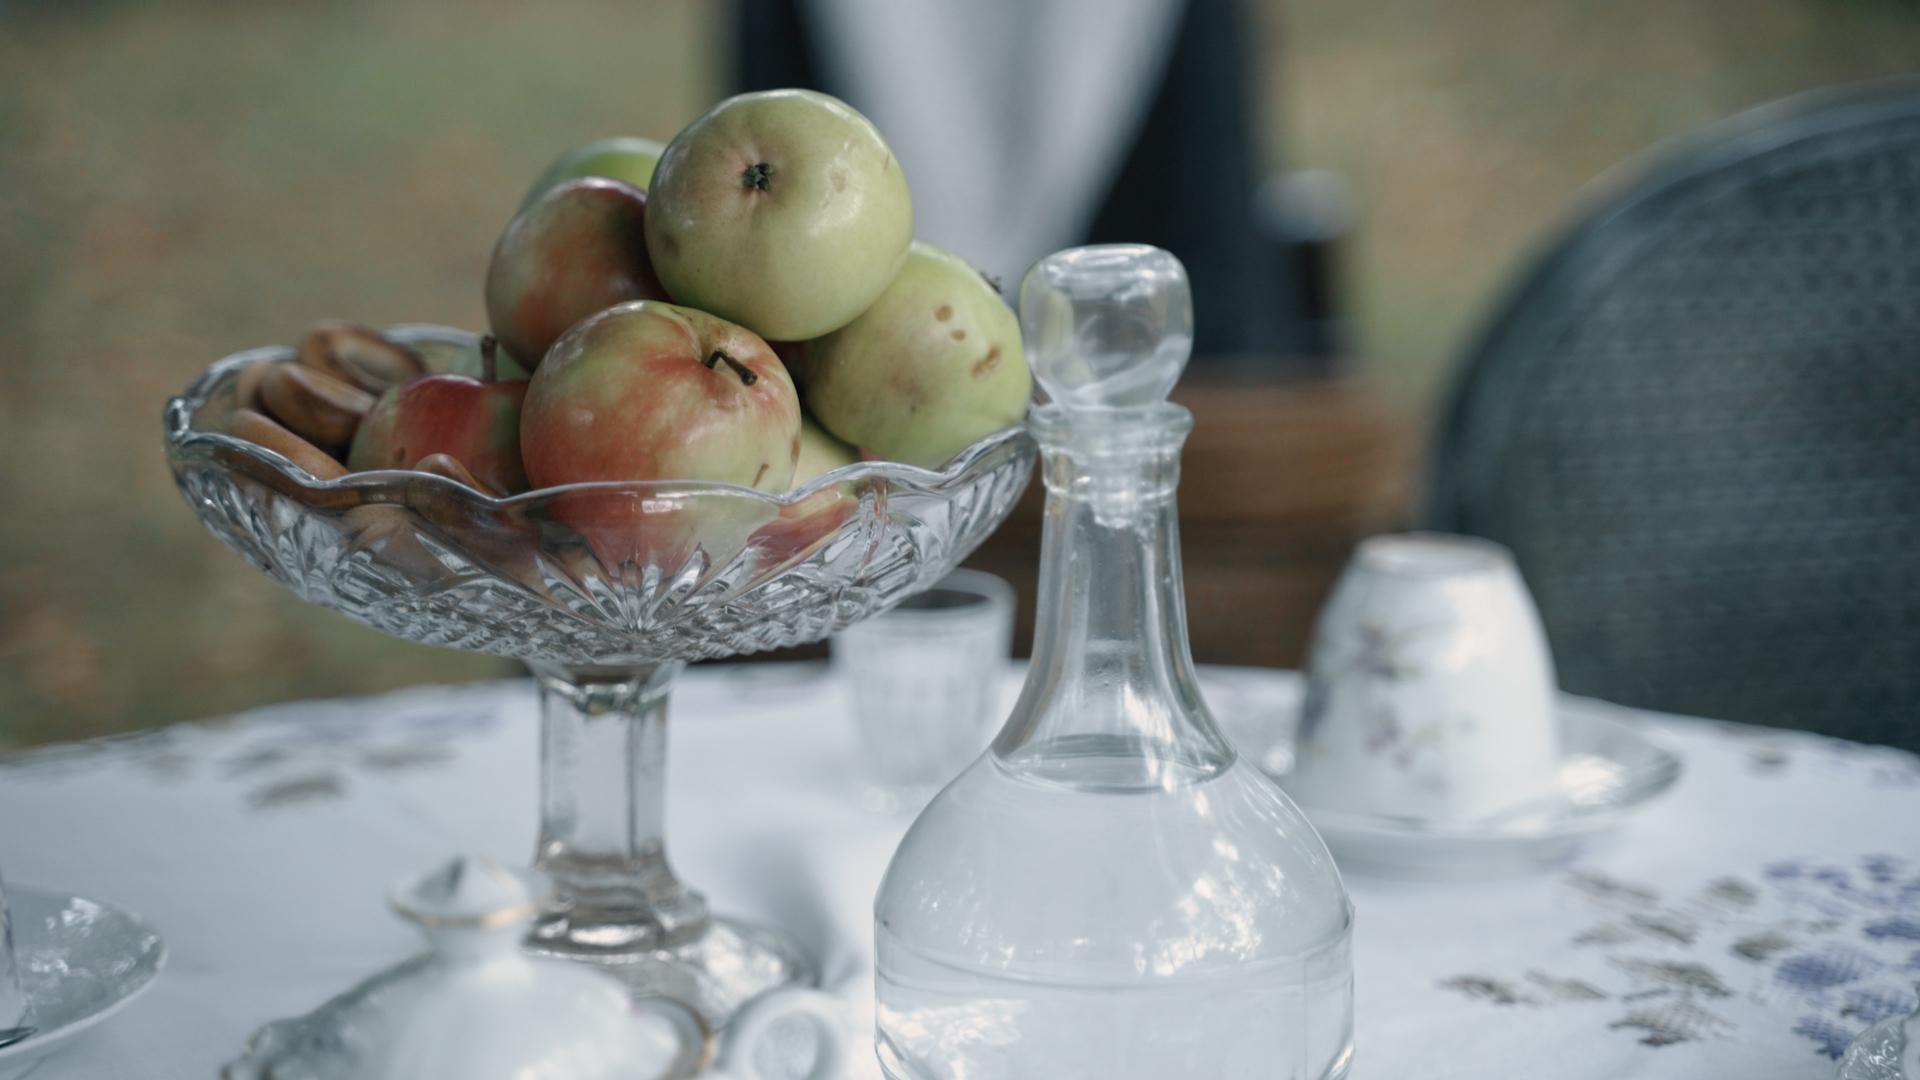 Obuoliai inde ant stalo.